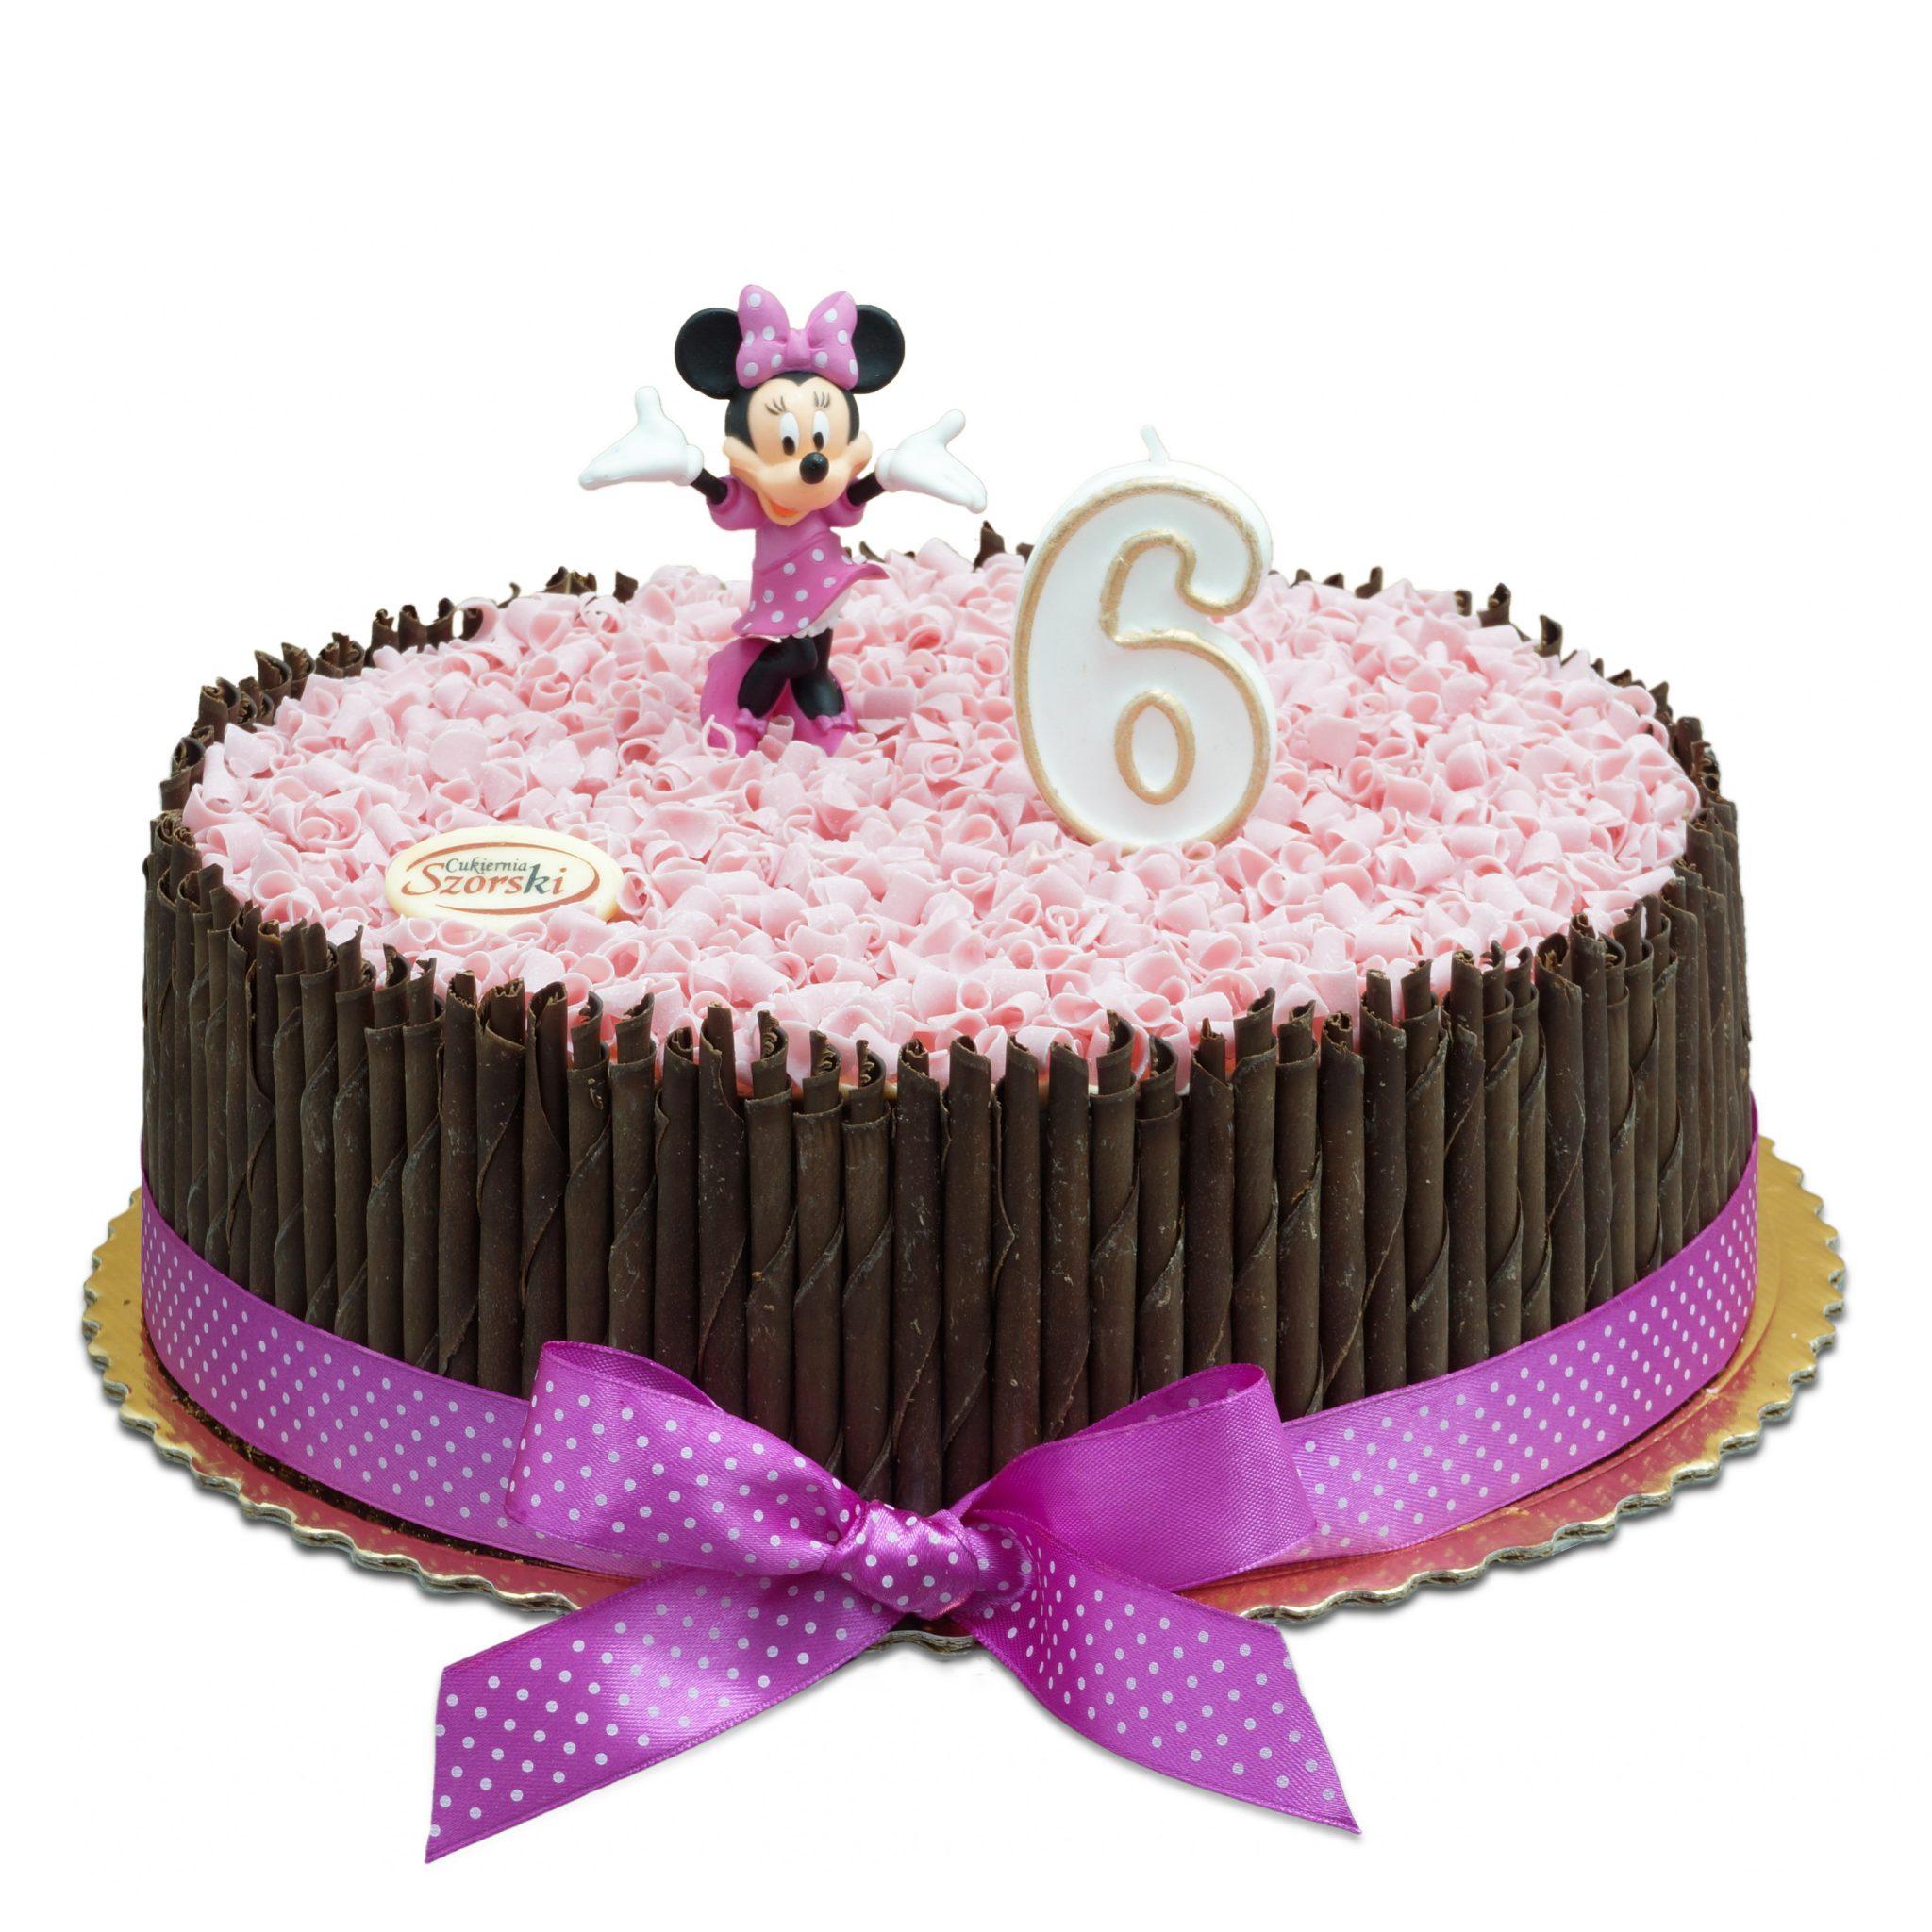 Tort z figurką myszki Minnie